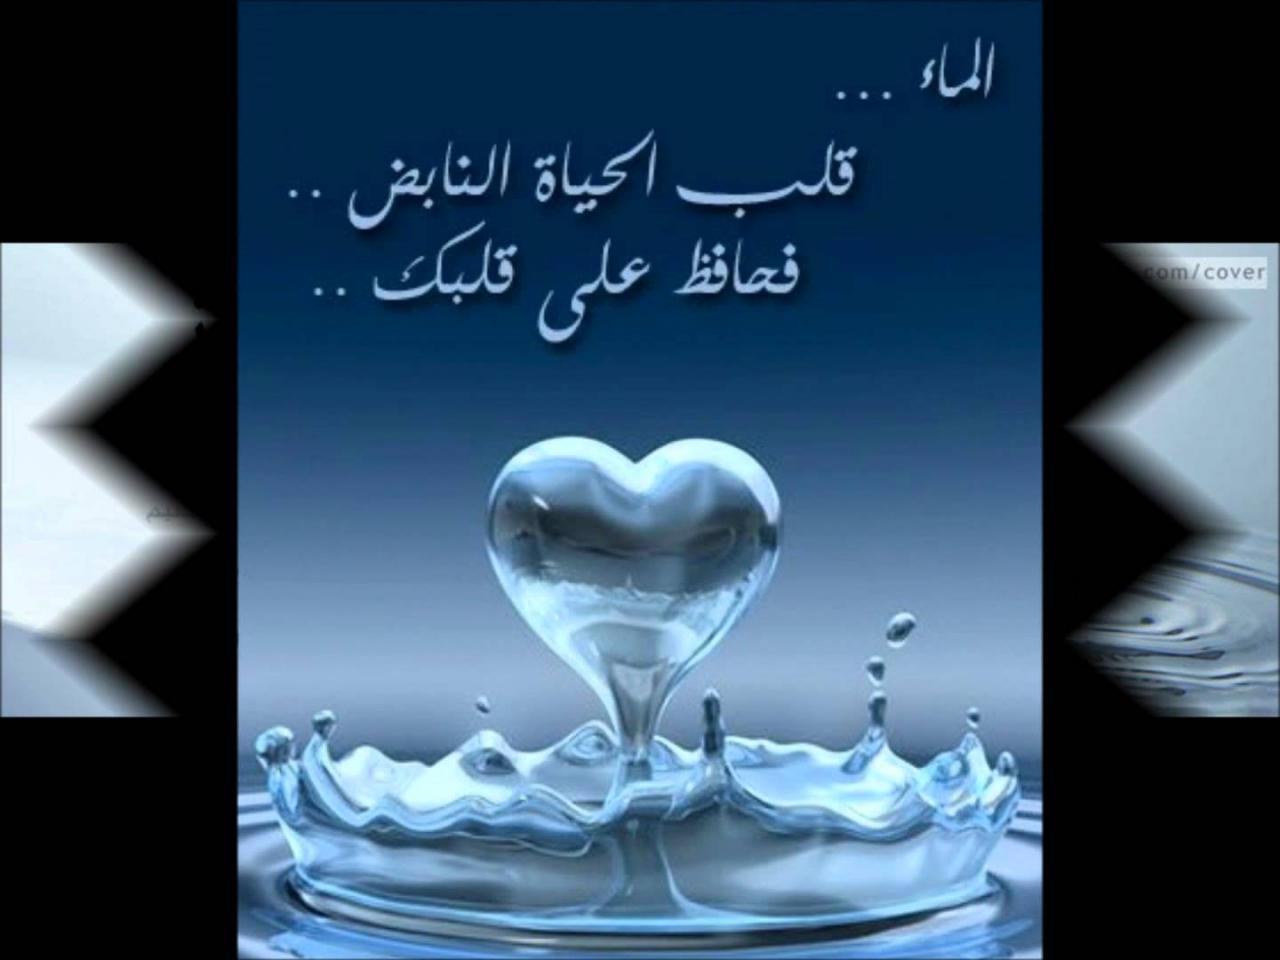 كتاب رسالة من الماء